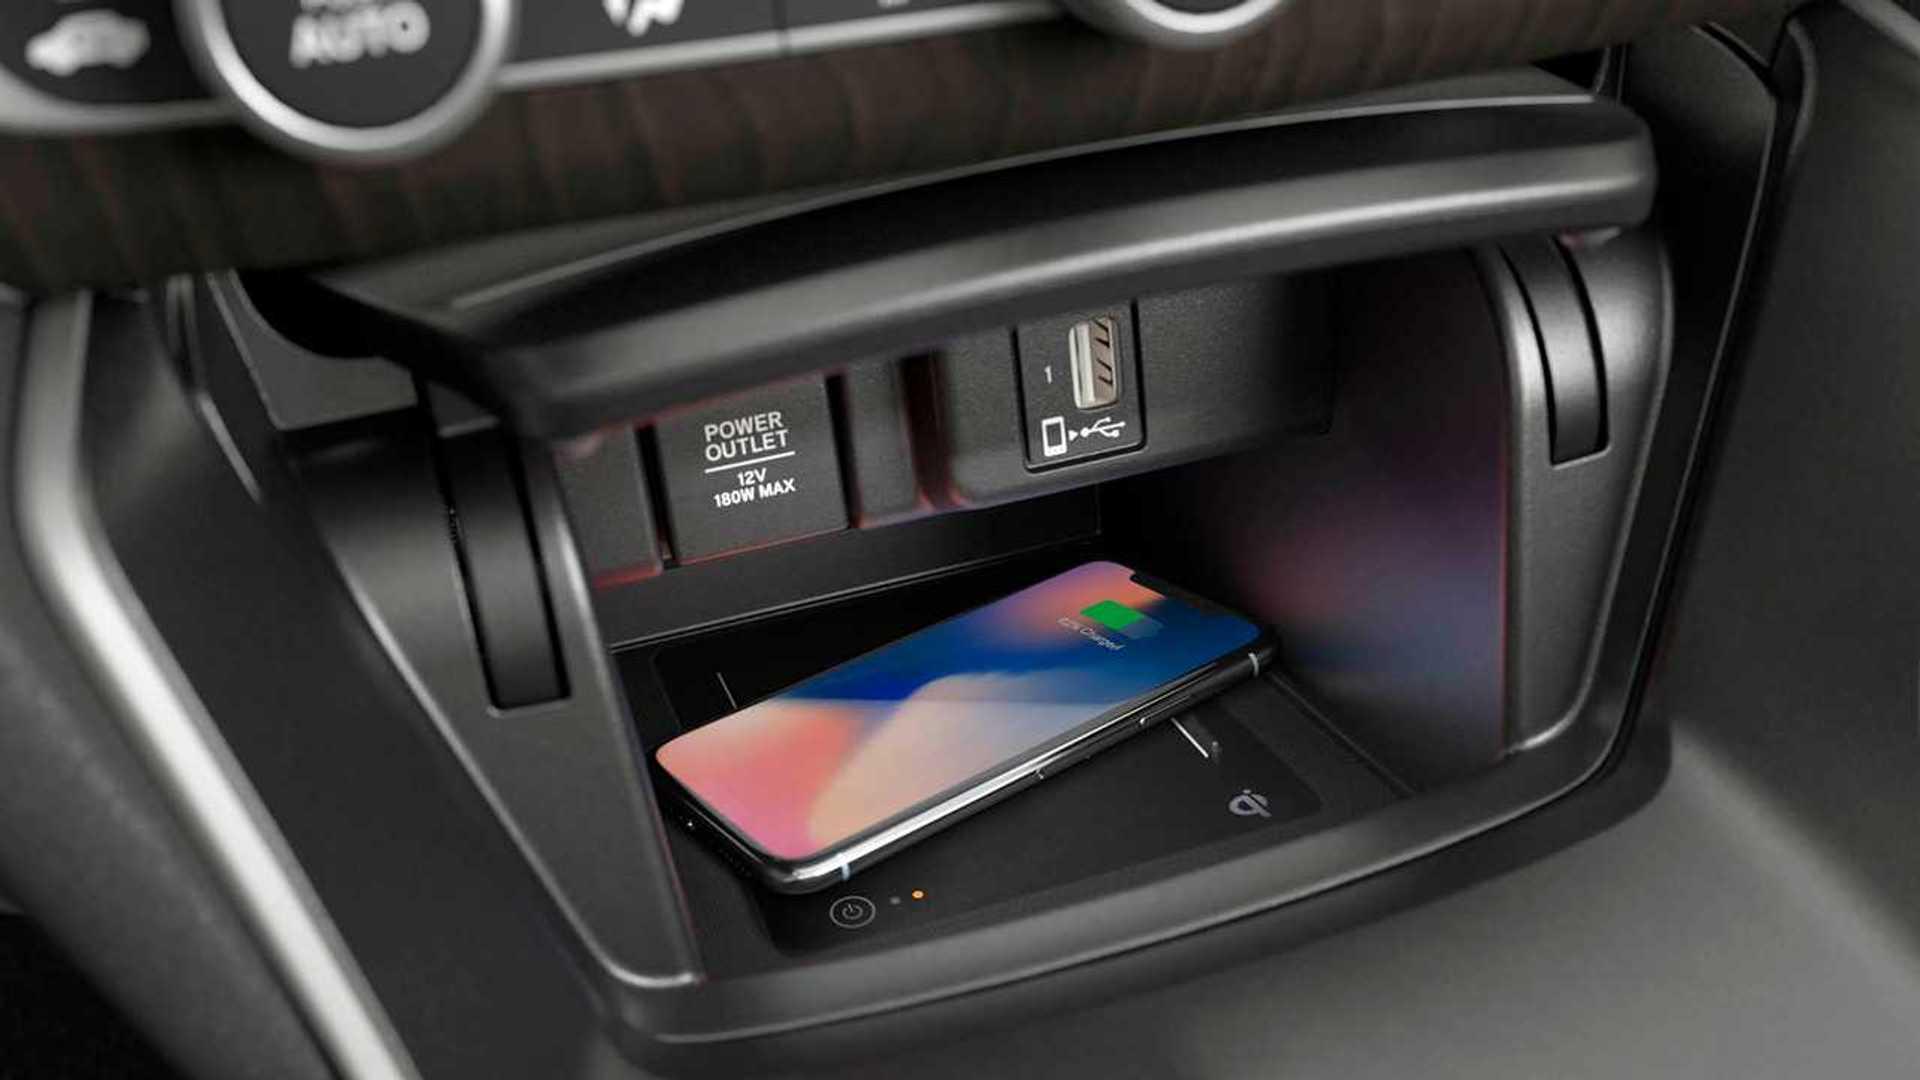 Teste Instrumentado: Honda Accord Touring 2019 faz frente aos alemães? Carregador-celular-sem-fio-do-accord